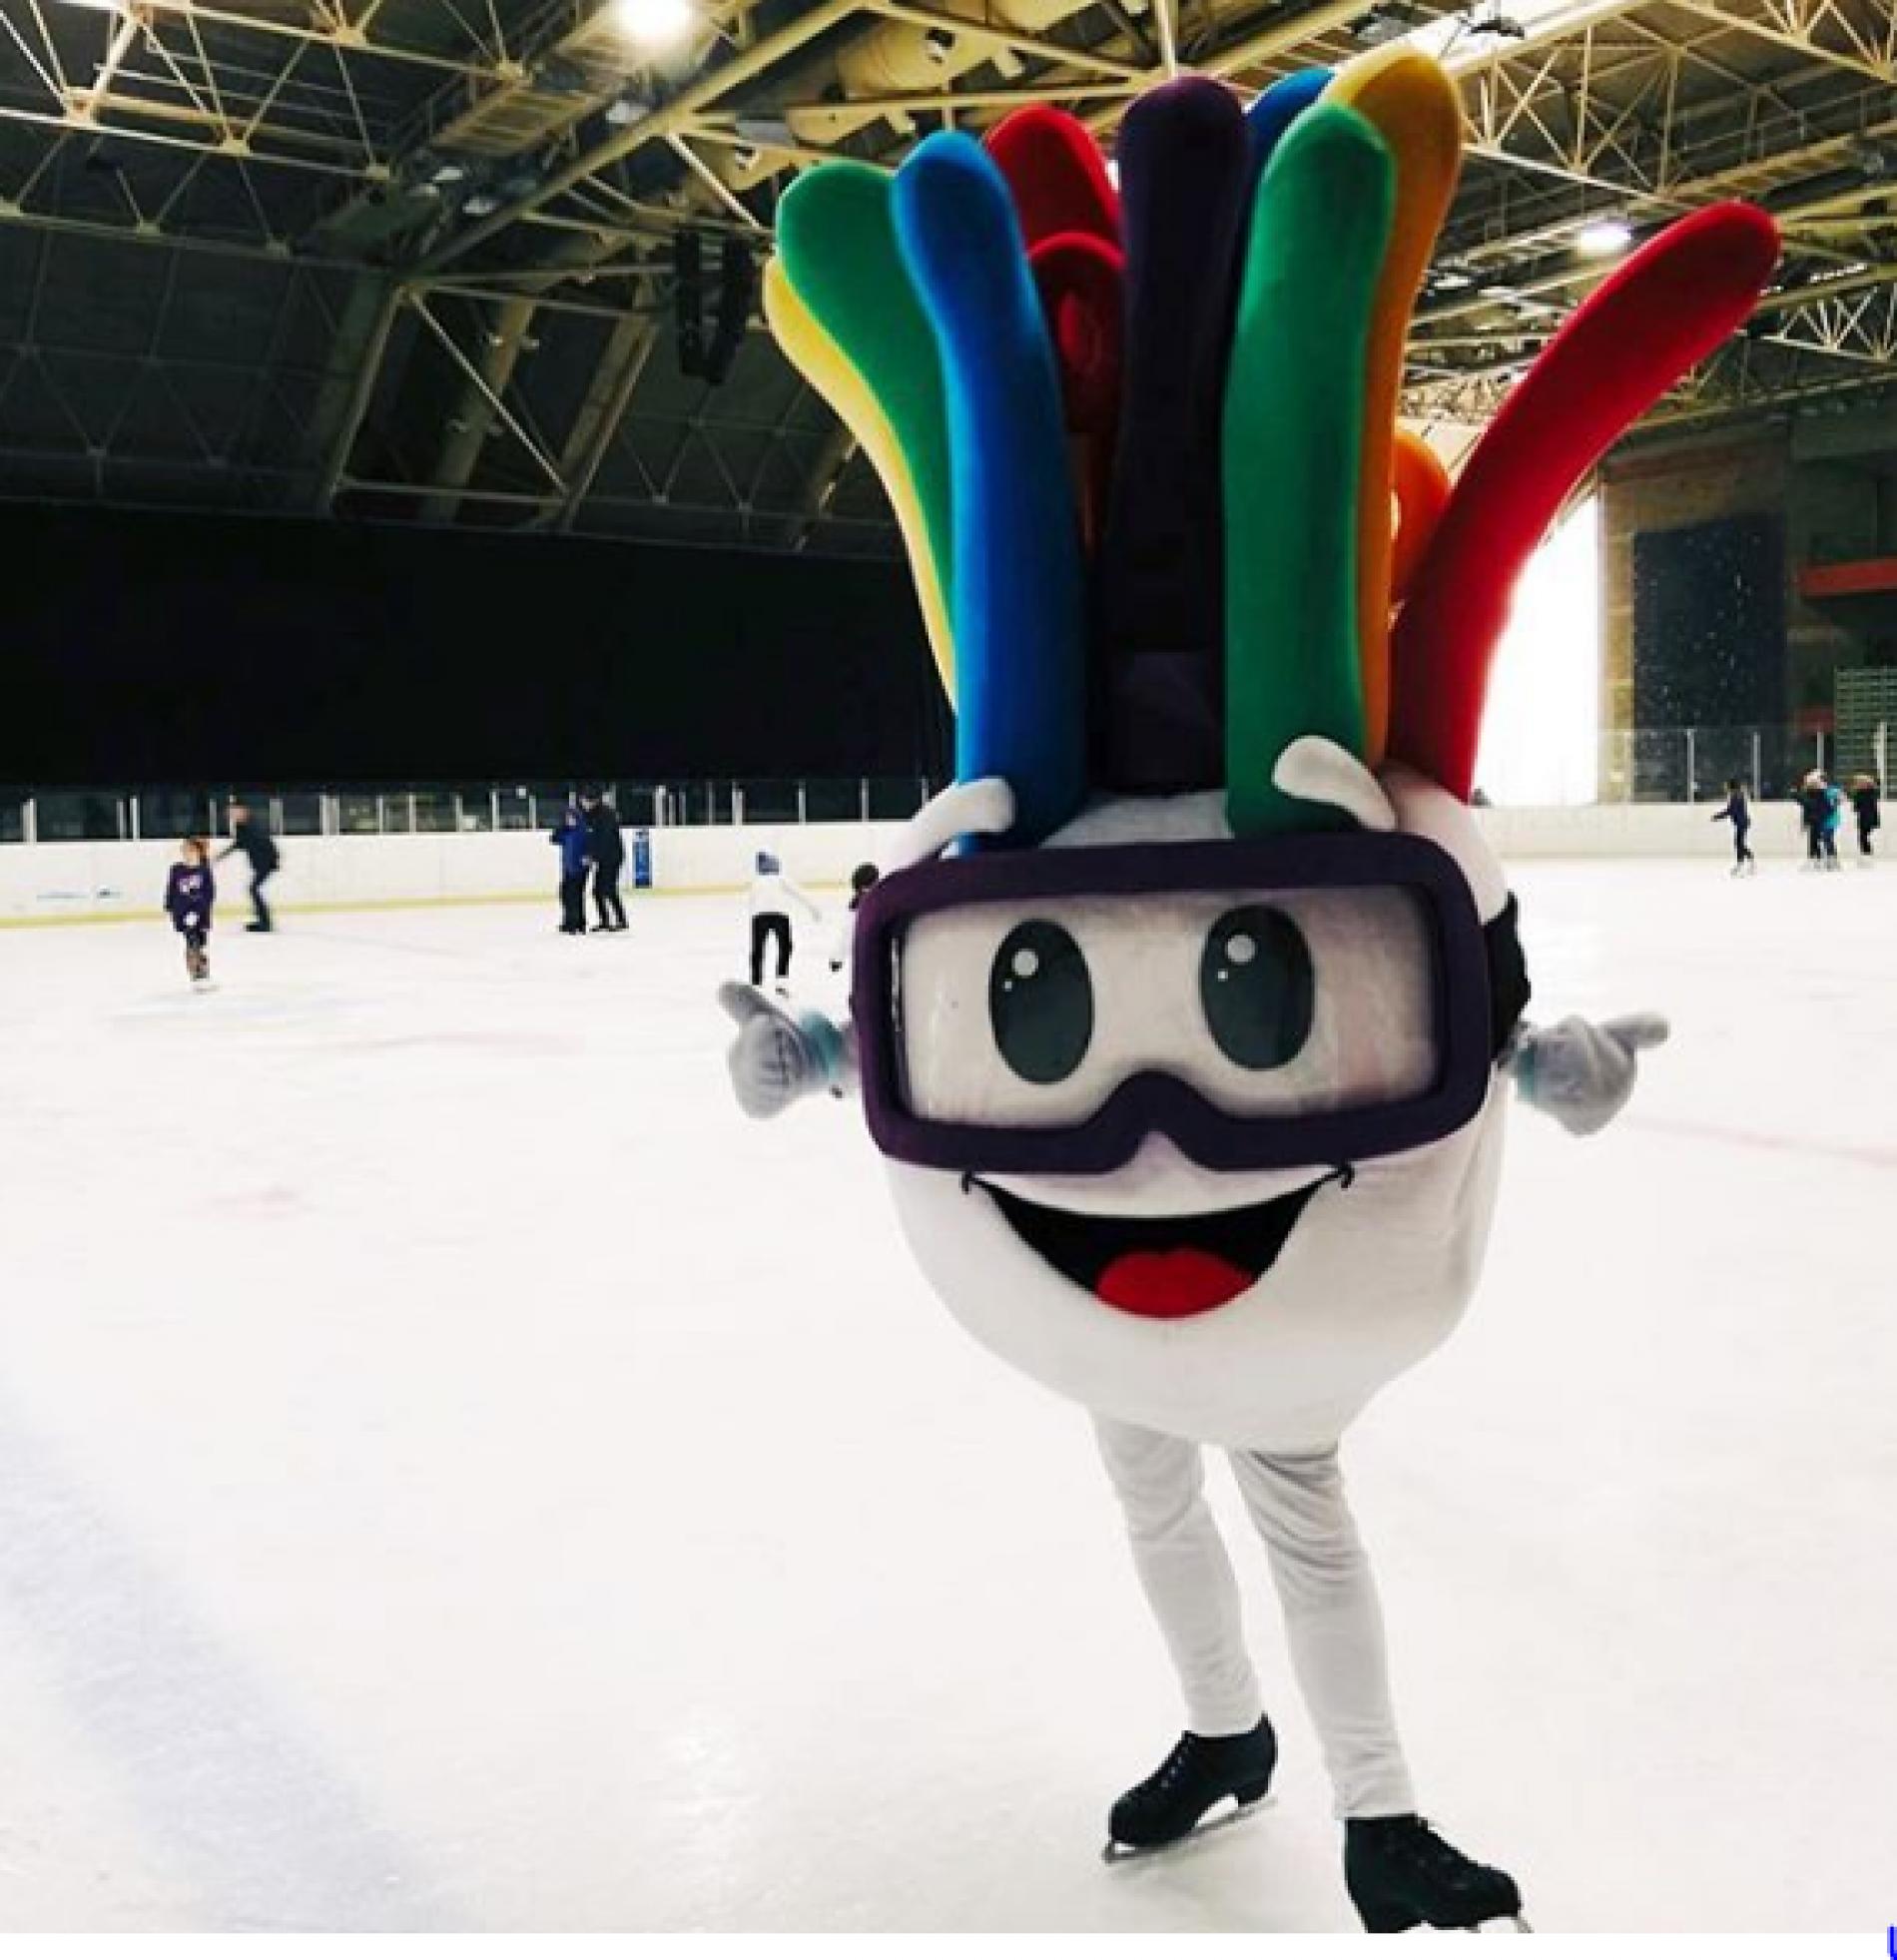 EYOF već budi olimpijski duh, stiže nam više učesnika nego na ZOI '84!